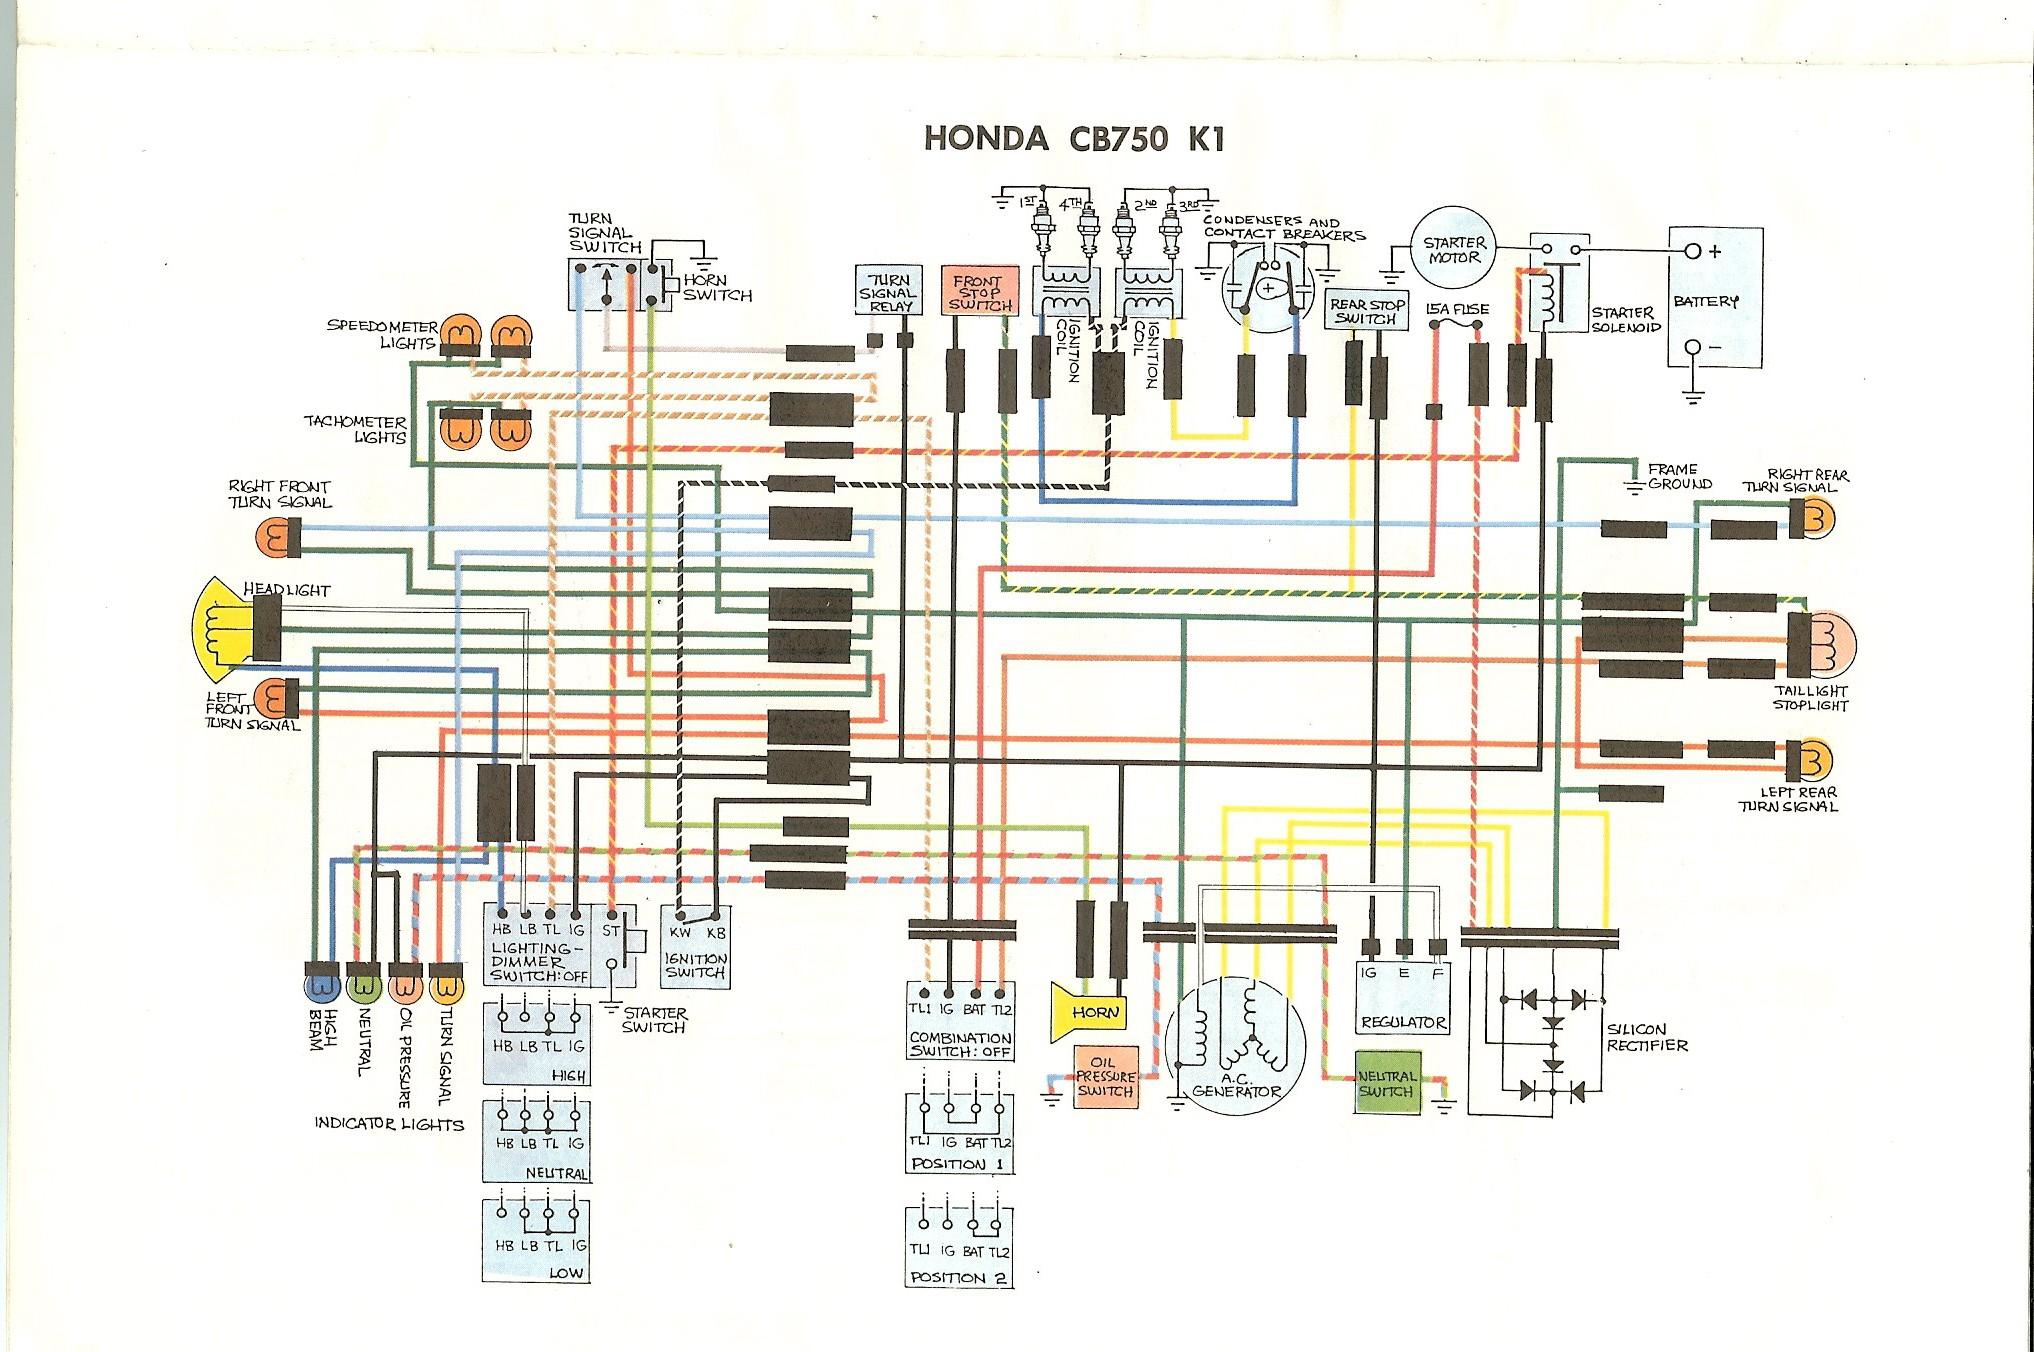 Honda Cb750 Wiring Diagram from detoxicrecenze.com